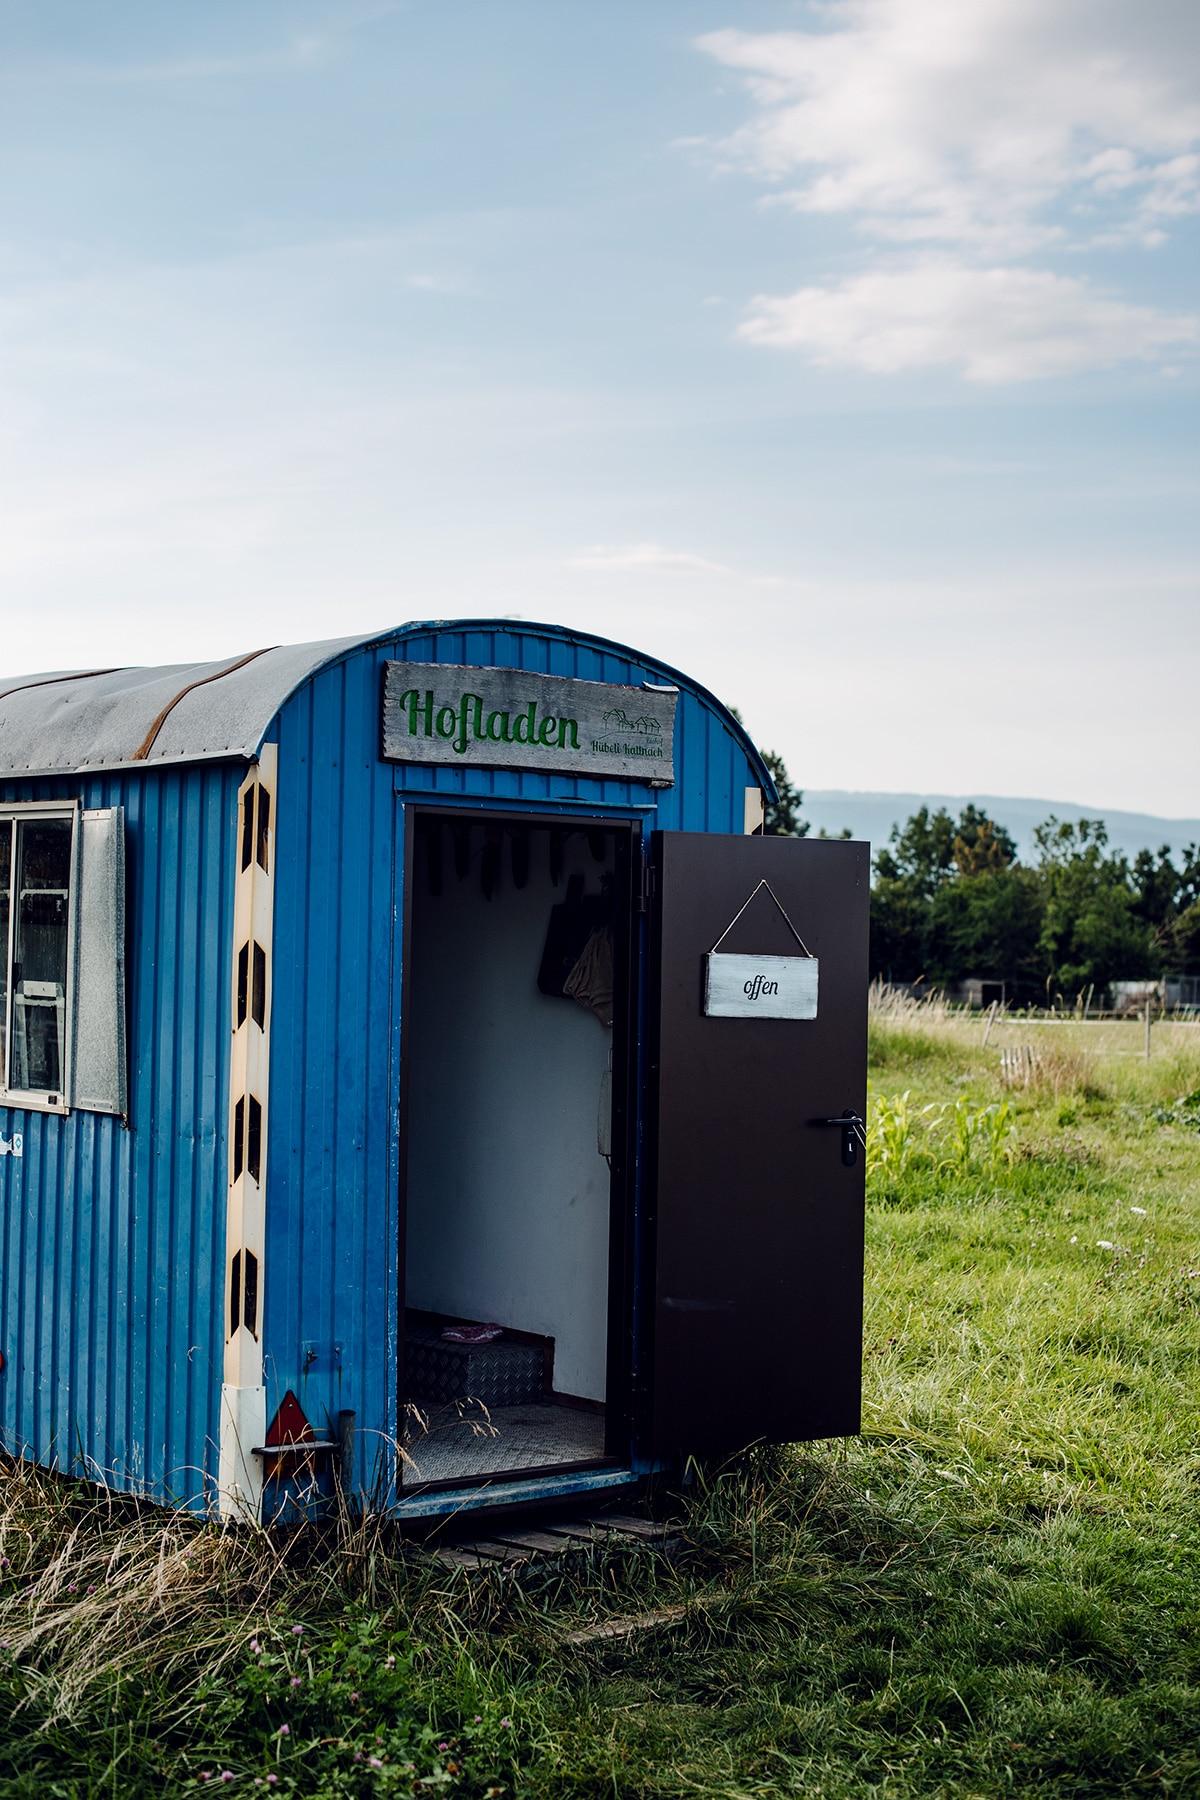 """""""Hofladen"""": magasin à la ferme dans une roulotte au milieu des champs"""